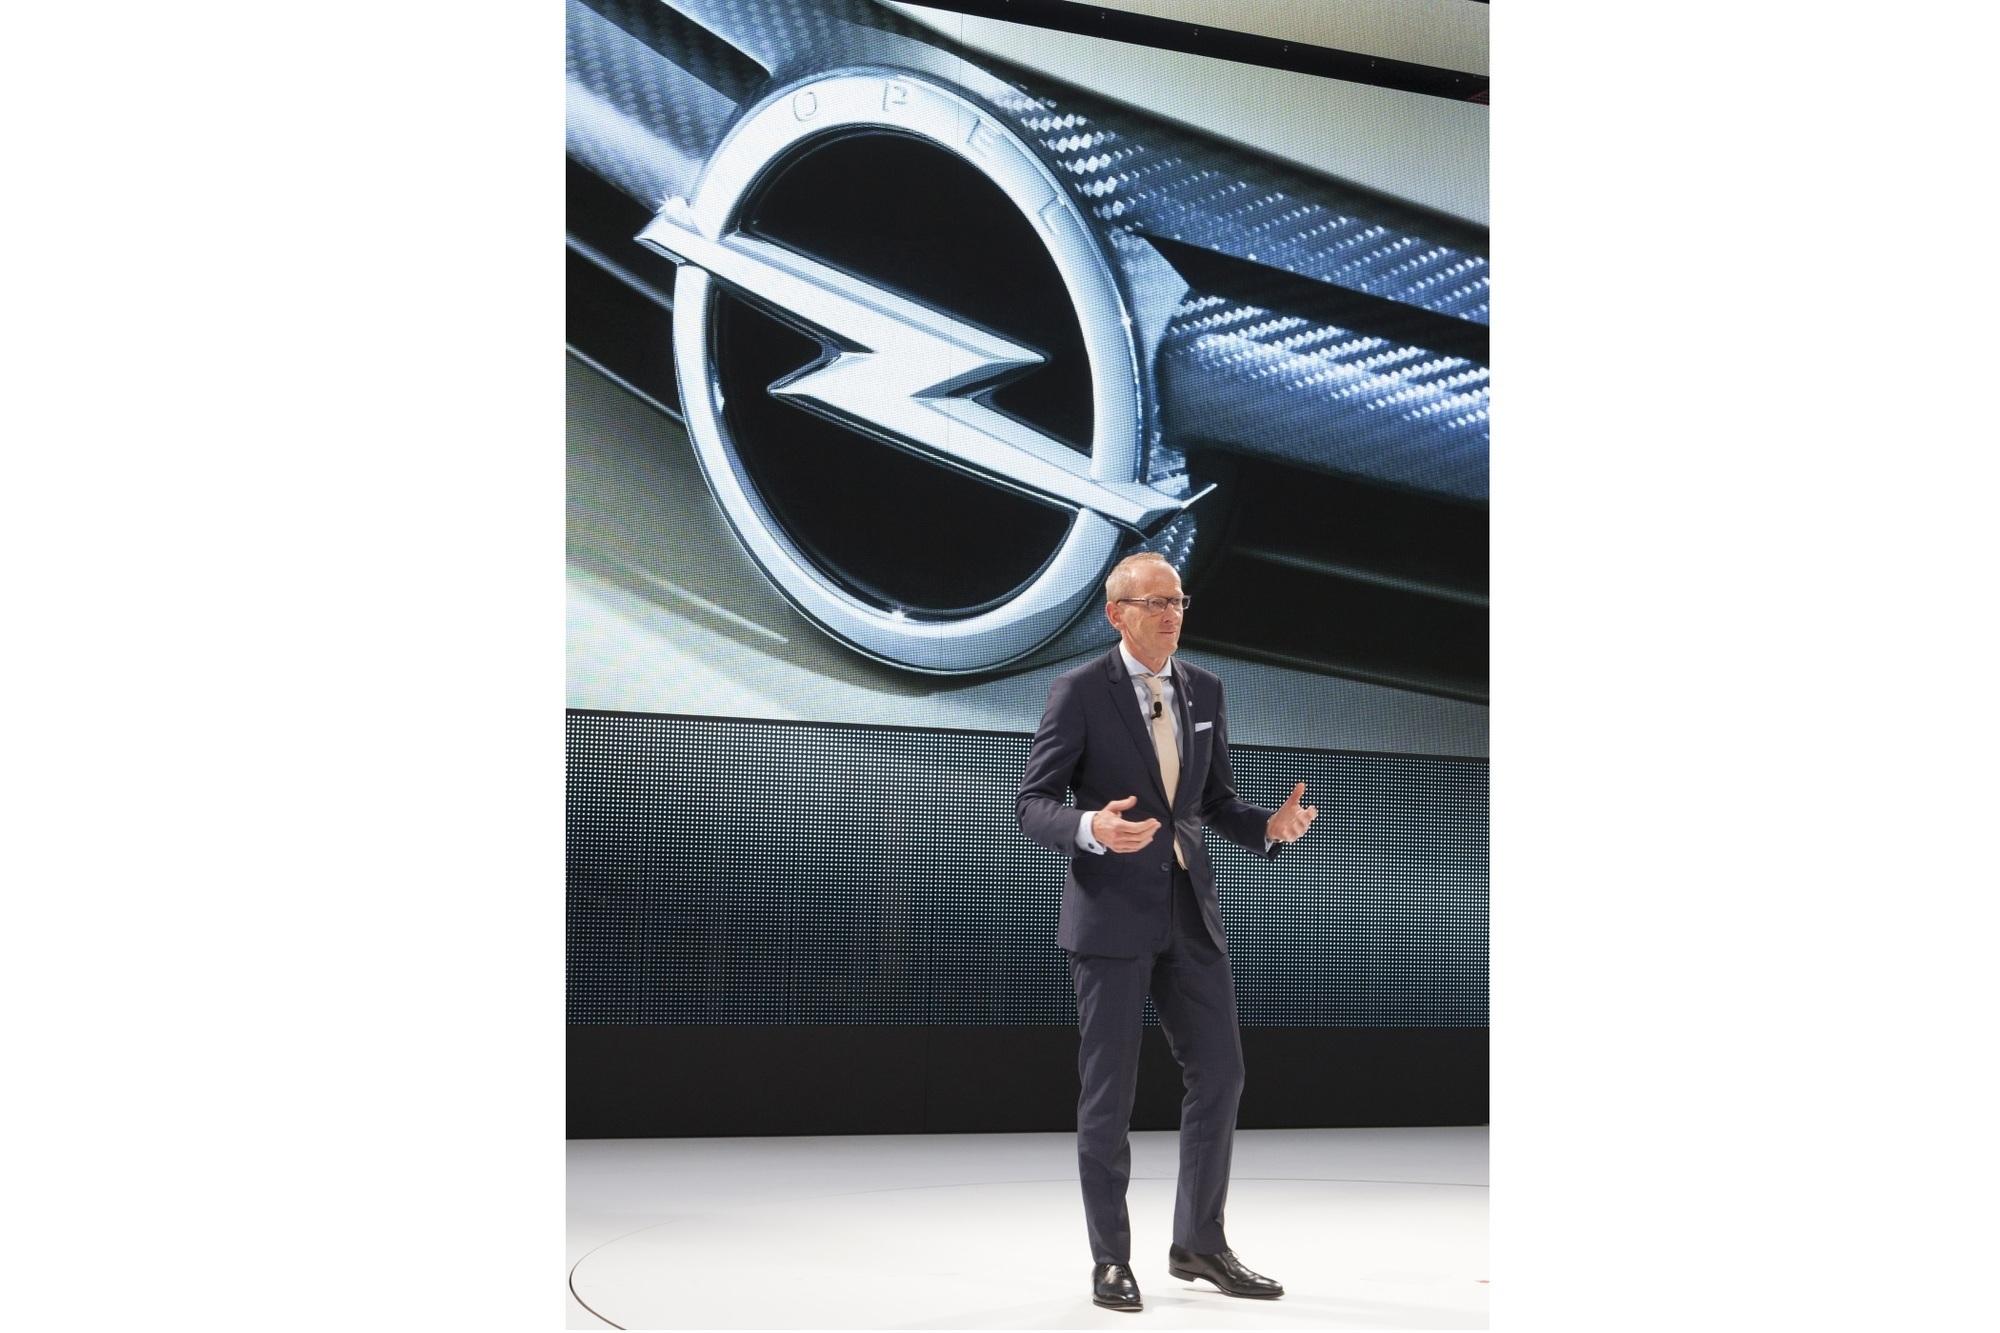 """Fragen an den Opel-Vorstandsvorsitzenden Karl-Thomas Neumann - """"Der Name 'Karl' hat einige Diskussionen erzeugt"""""""